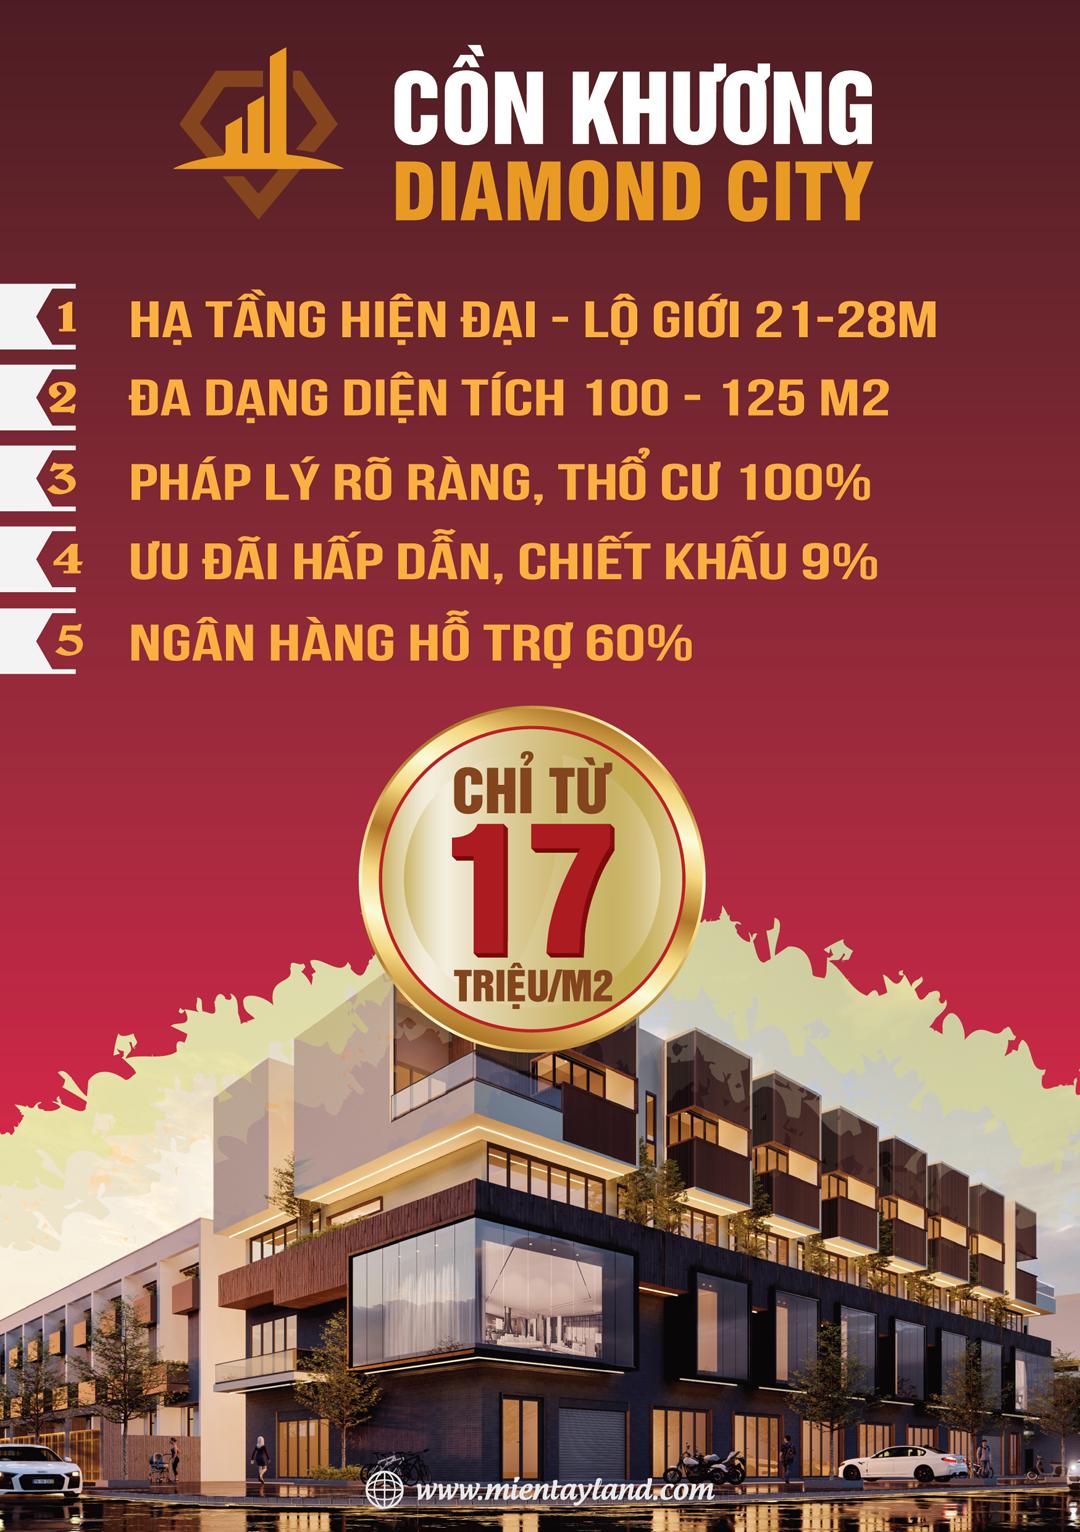 Khu đô thị mới Cồn Khương, Ninh Kiều, Cần Thơ l Miền Tây Land